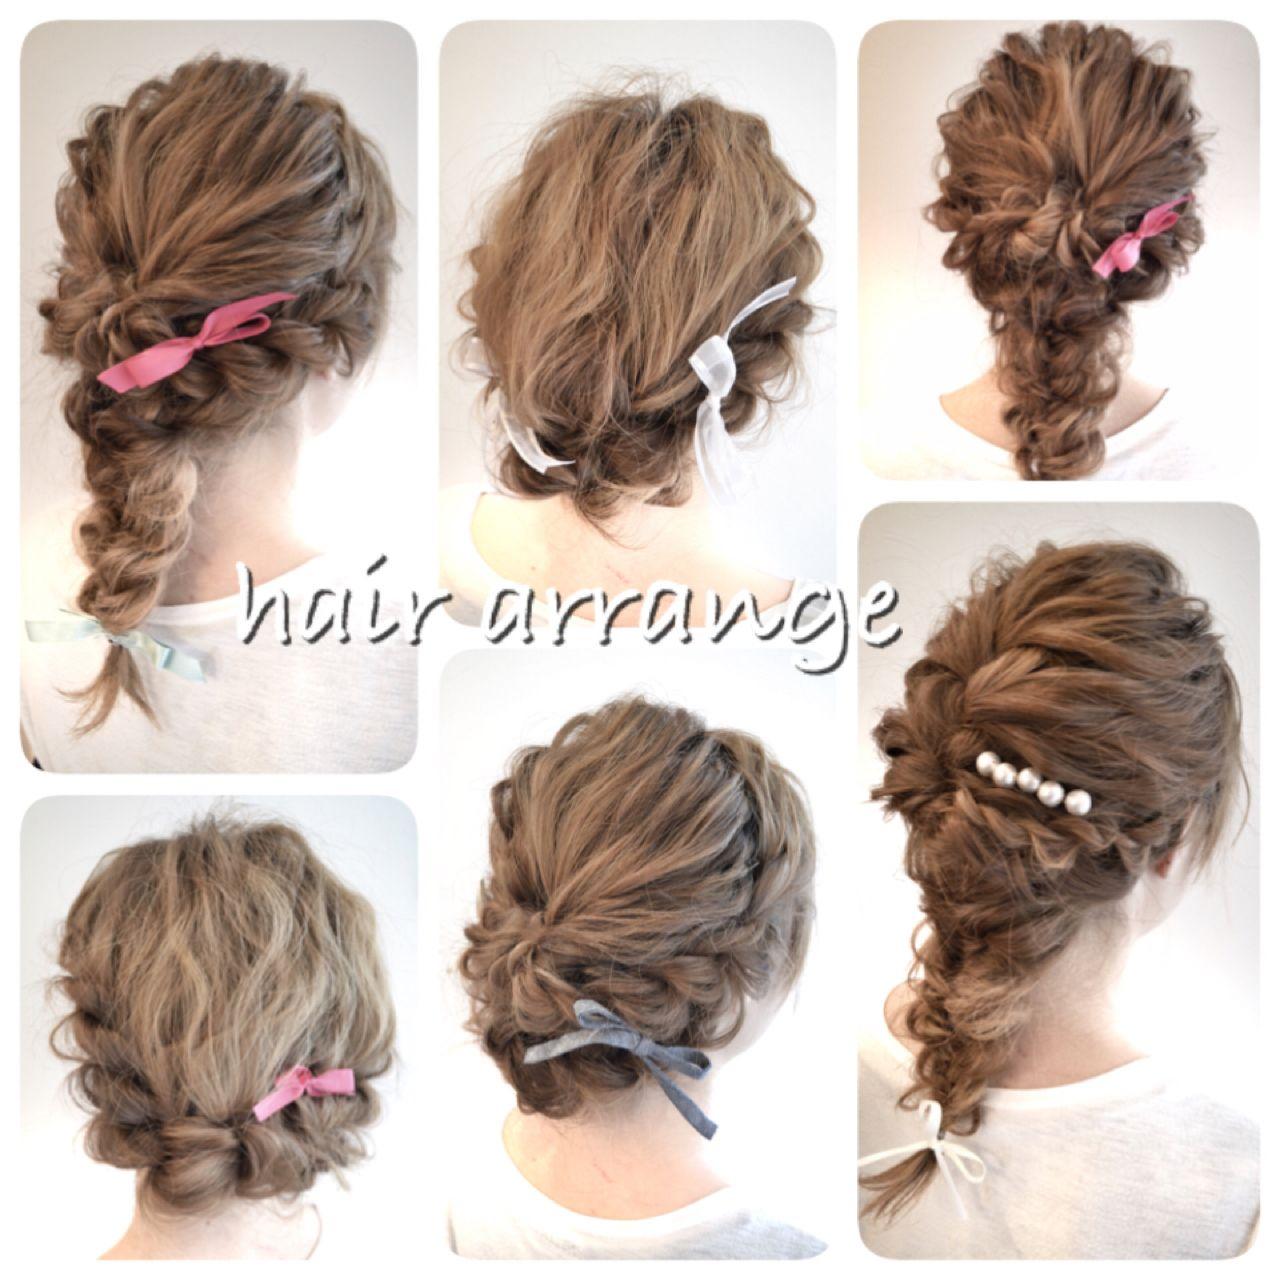 アップスタイル ストリート ロング 結婚式 ヘアスタイルや髪型の写真・画像 | Tanaka Hikaru/jilljanne / jilljanne 《ジル・ジェニー》